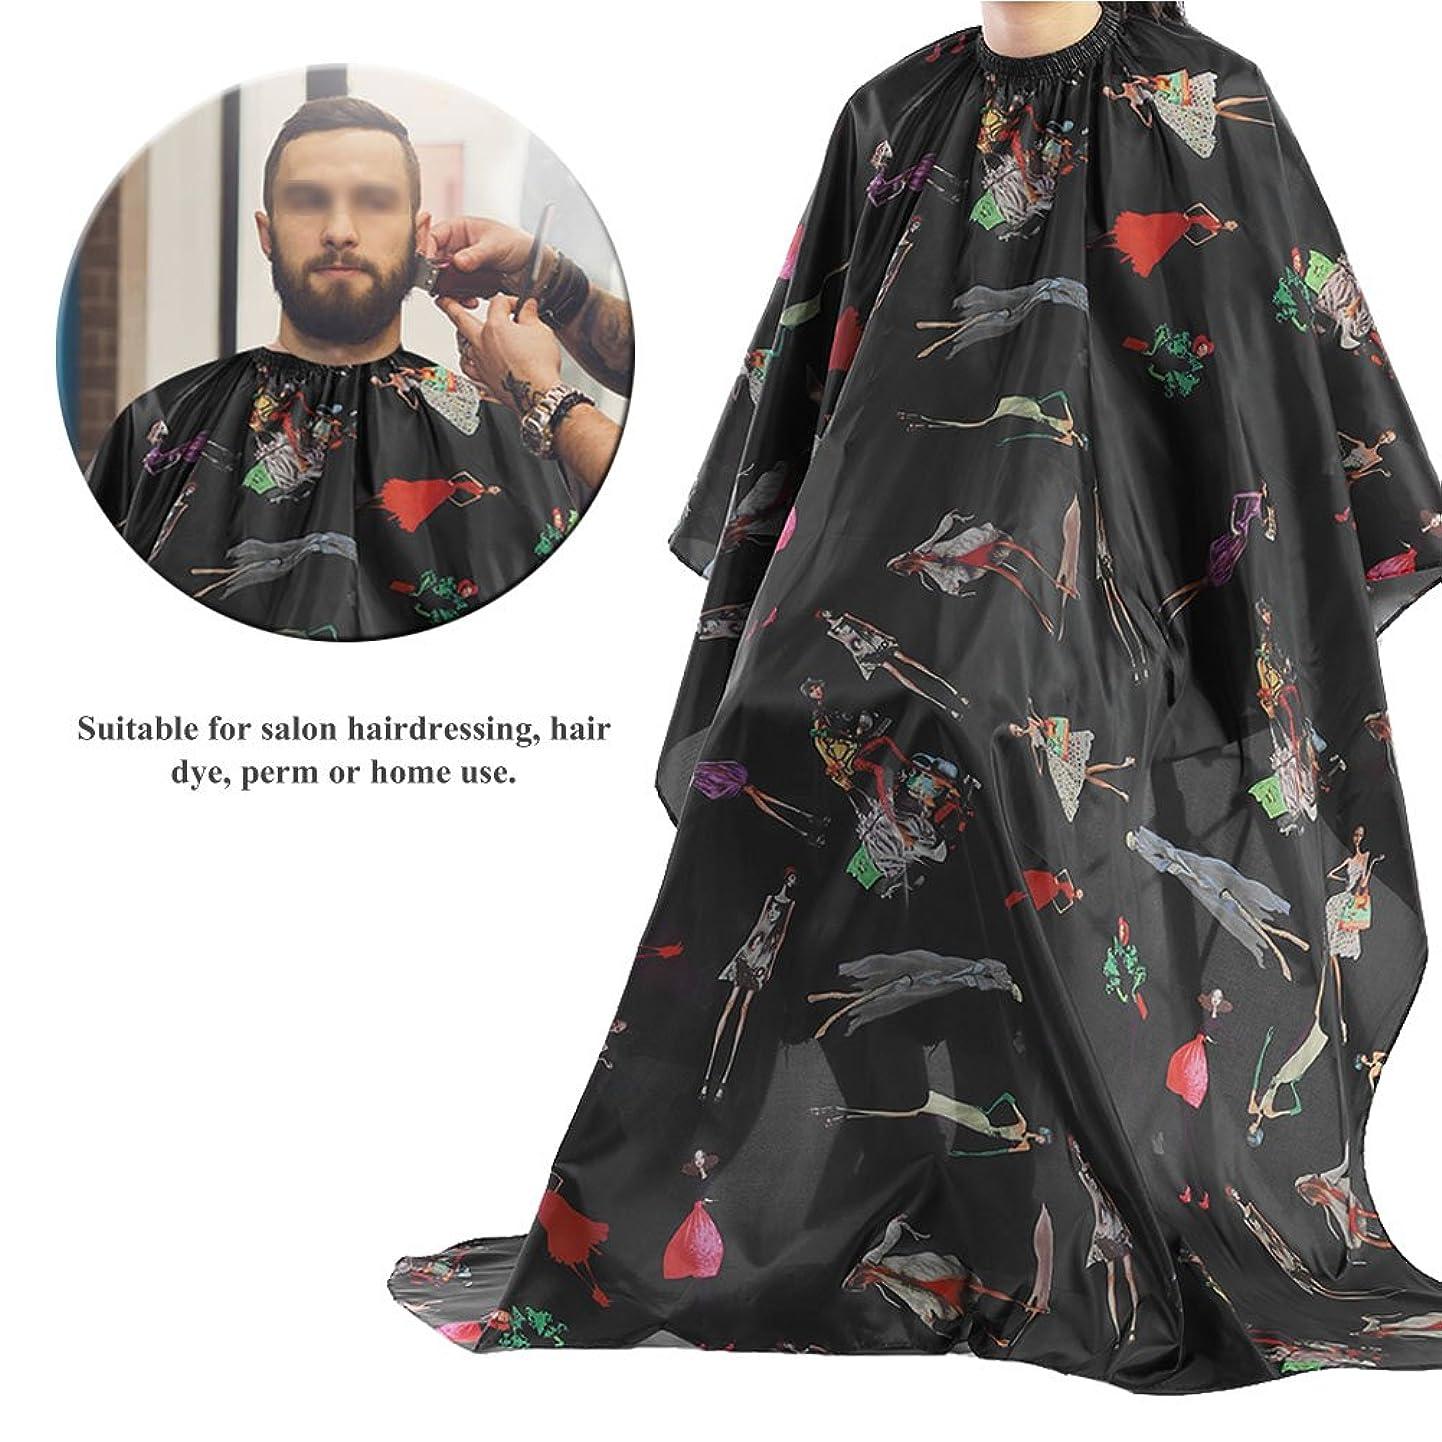 慢性的アーティファクト意欲ヘアカットケープ、ヘアカットエプロンサロン理髪美容師 黒 赤い 縞模様のサロンヘアカット ヘアカットケープアダルト